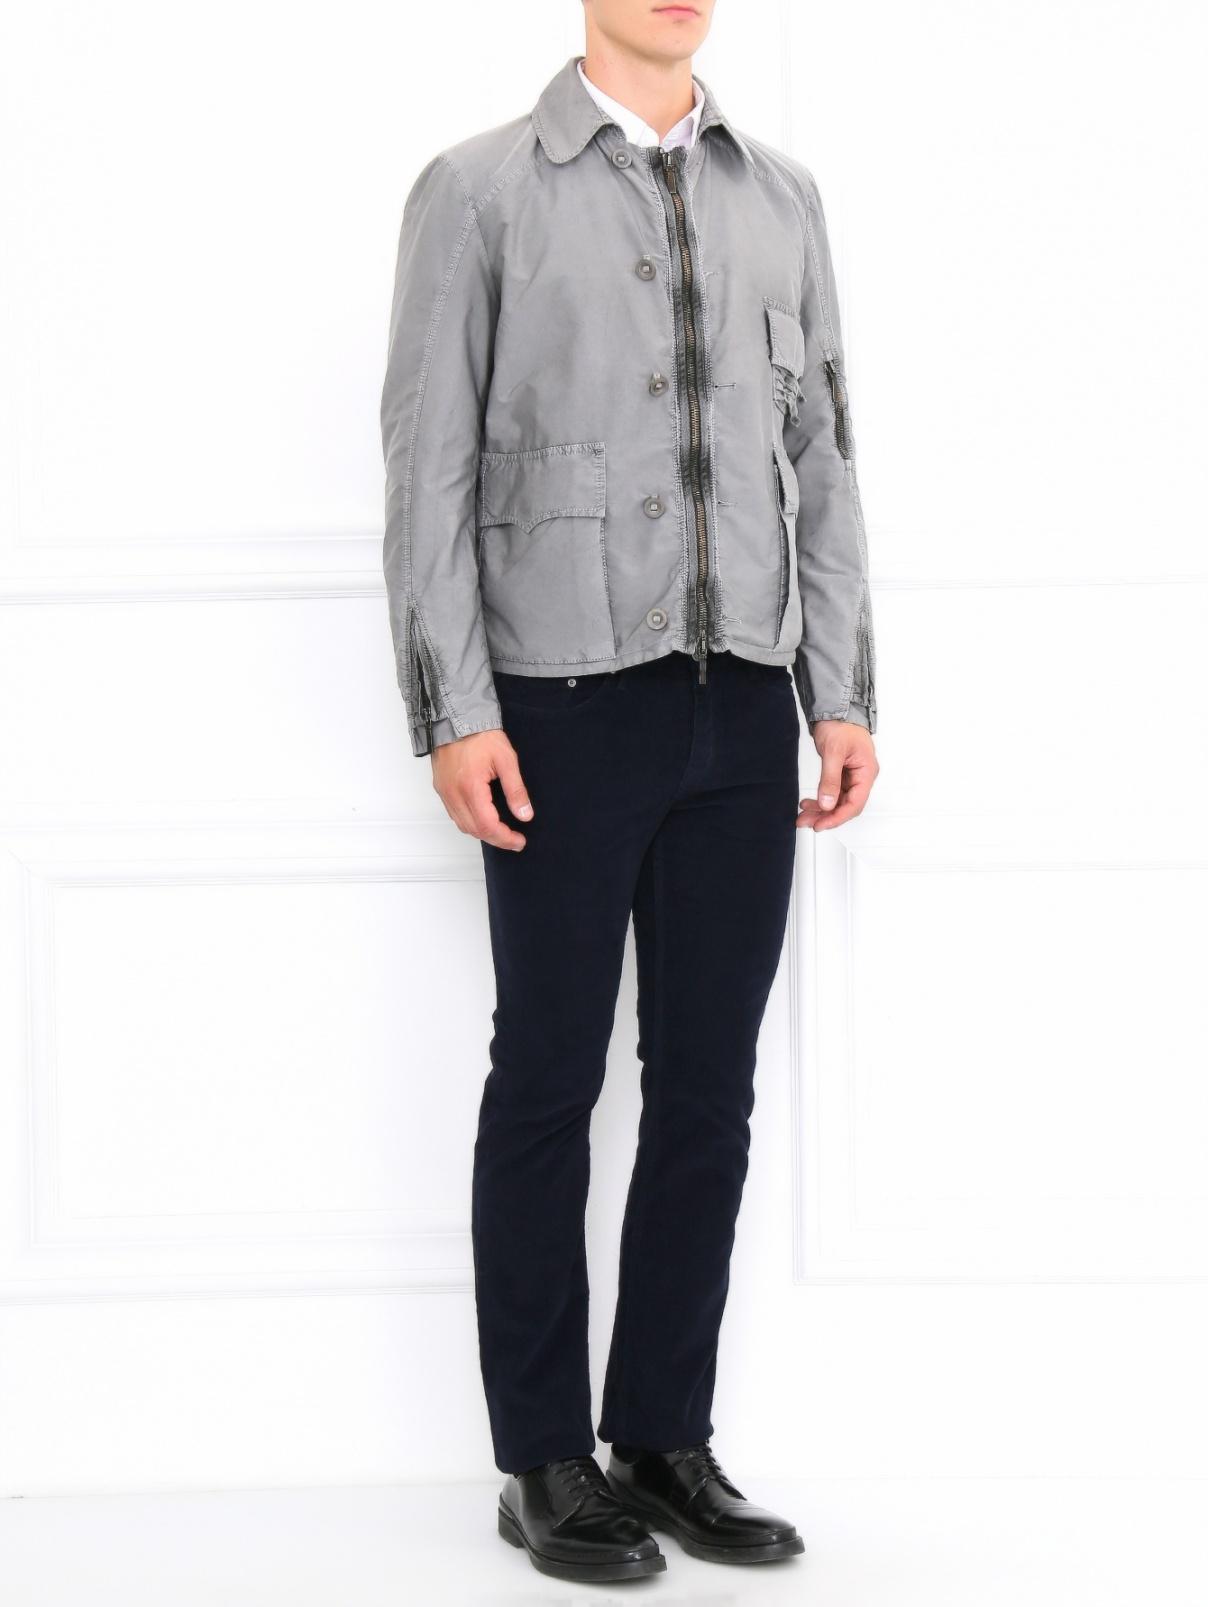 Легкая куртка на молнии Ermanno Scervino  –  Модель Общий вид  – Цвет:  Серый